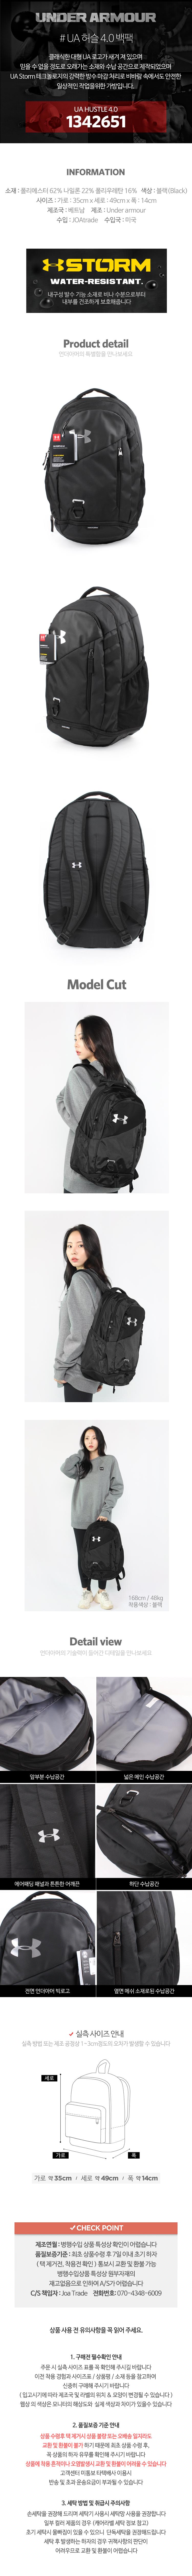 언더아머 가방 백팩 UA 허슬 4.0 백팩 BU-K 블랙